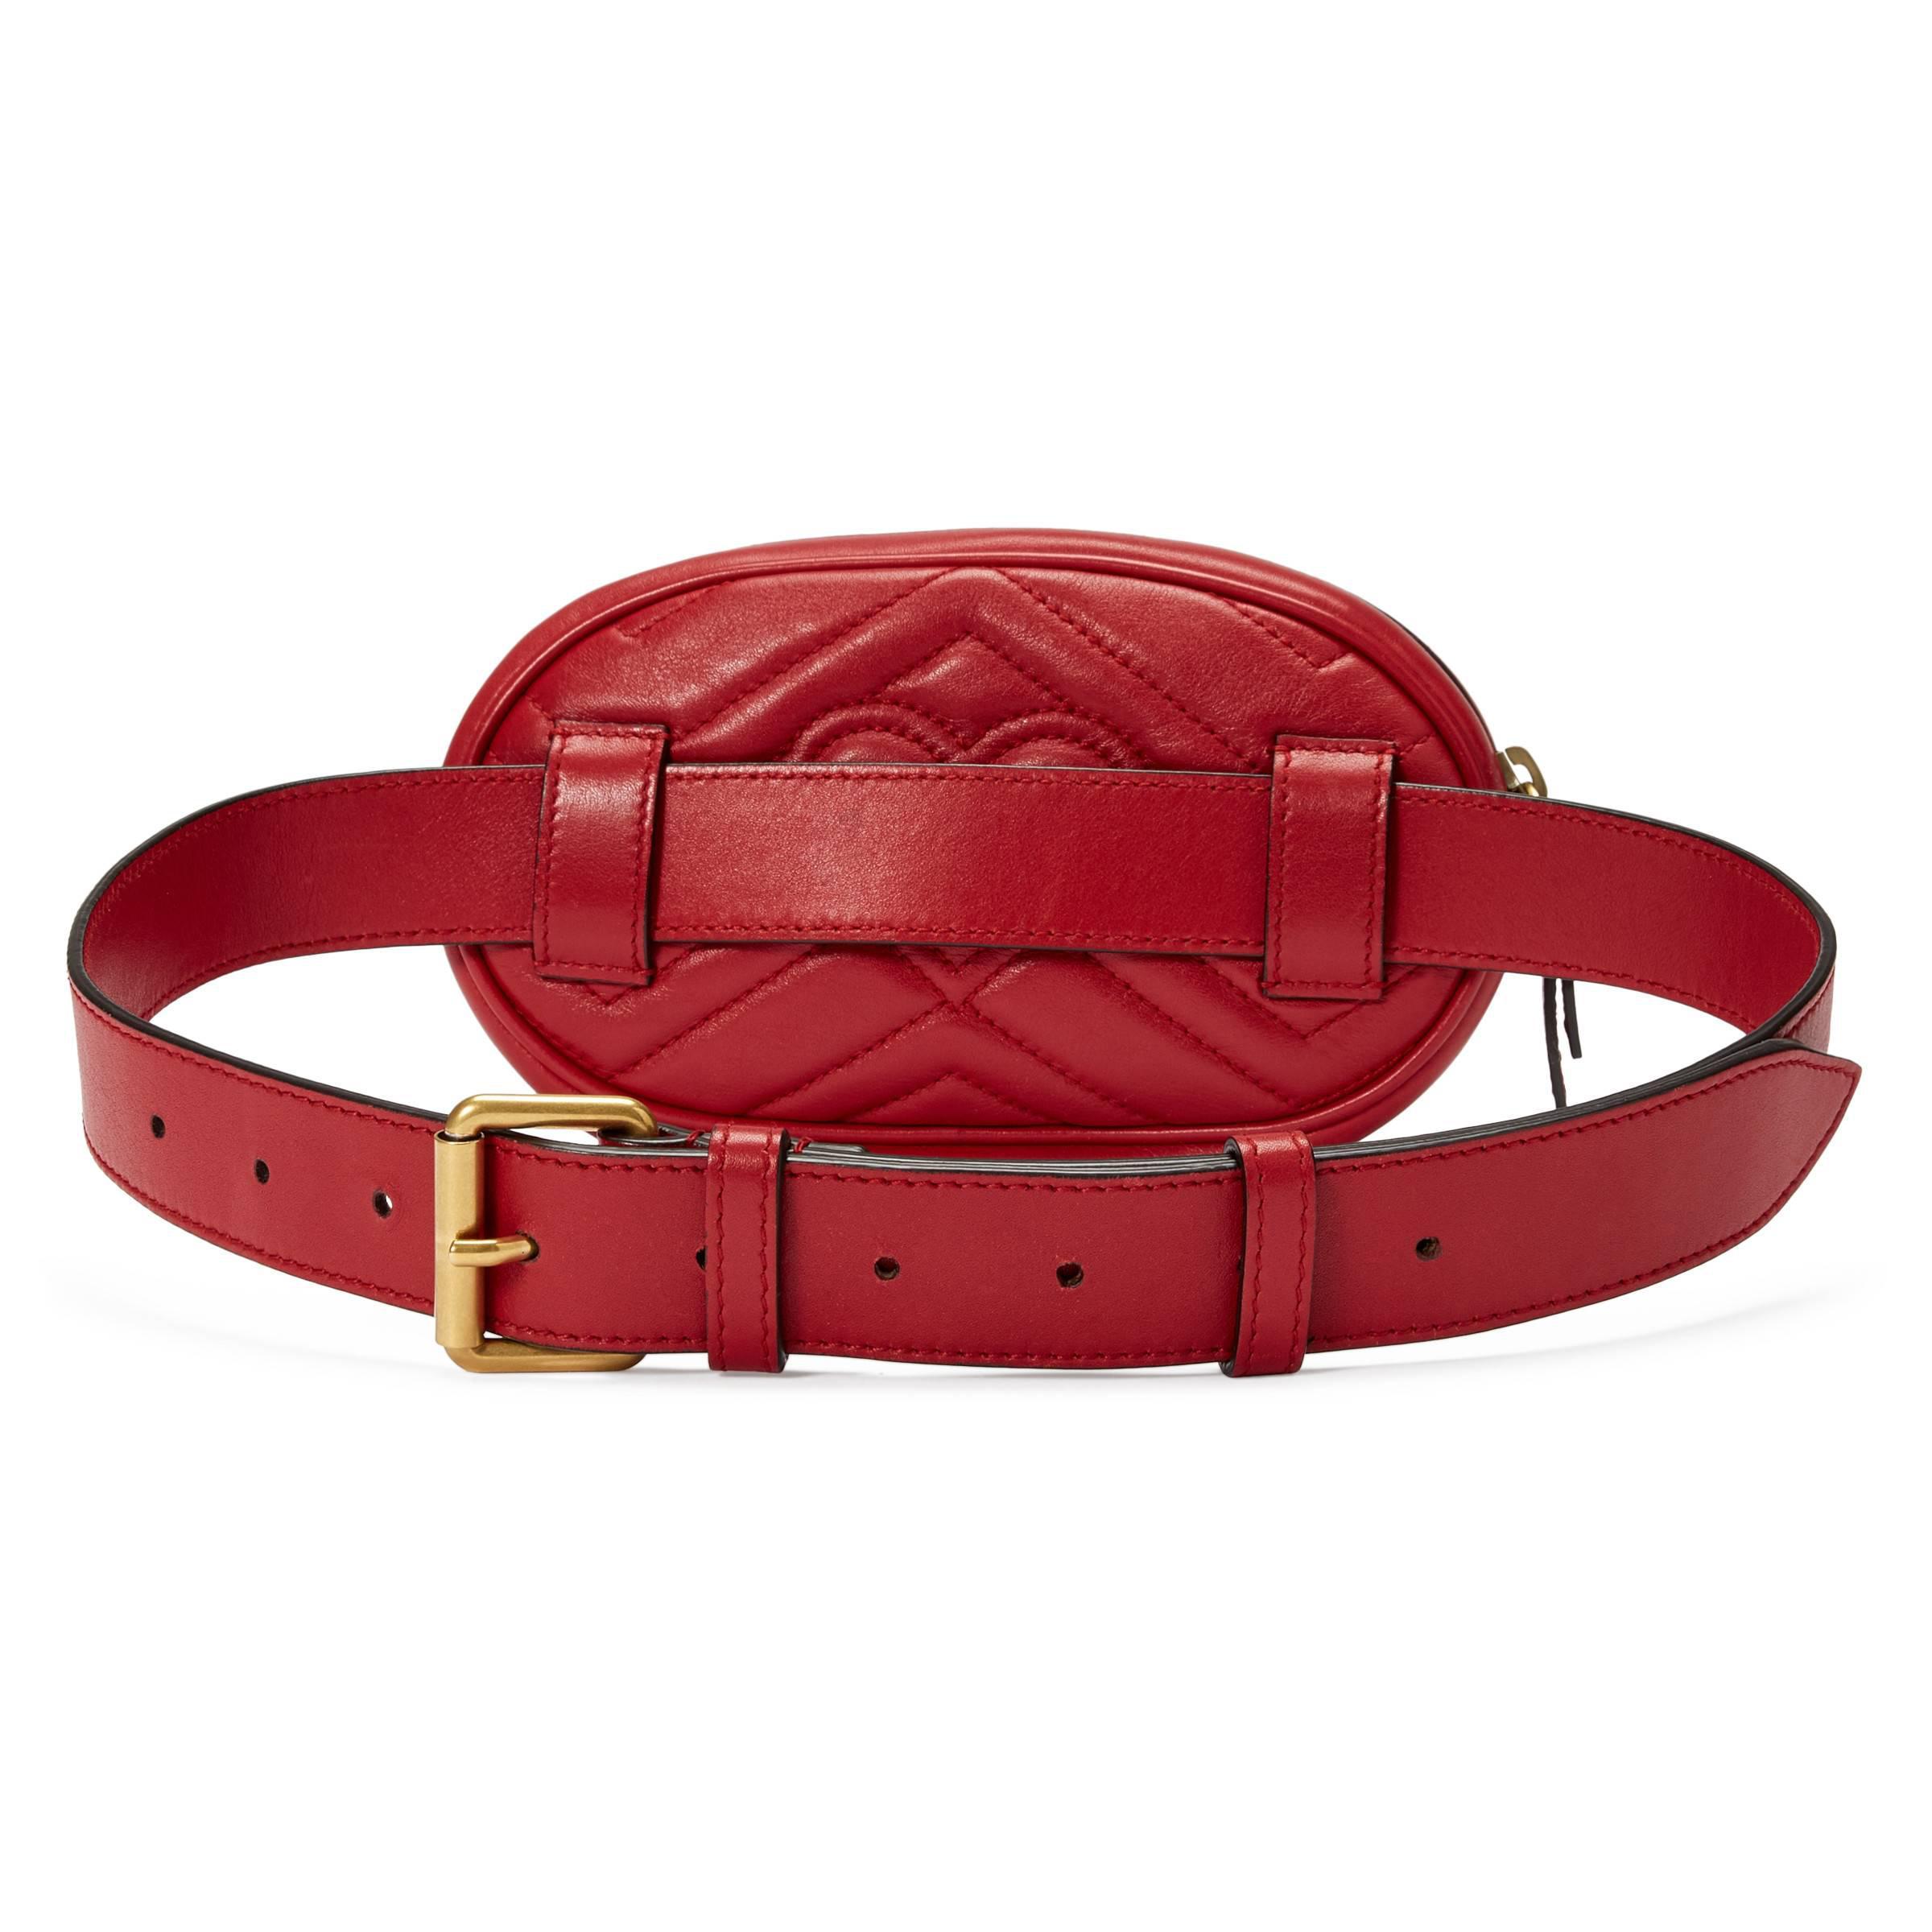 Gucci - Red Sac ceinture GG Marmont en cuir matelassé - Lyst. Afficher en  plein écran 03ebe7478db